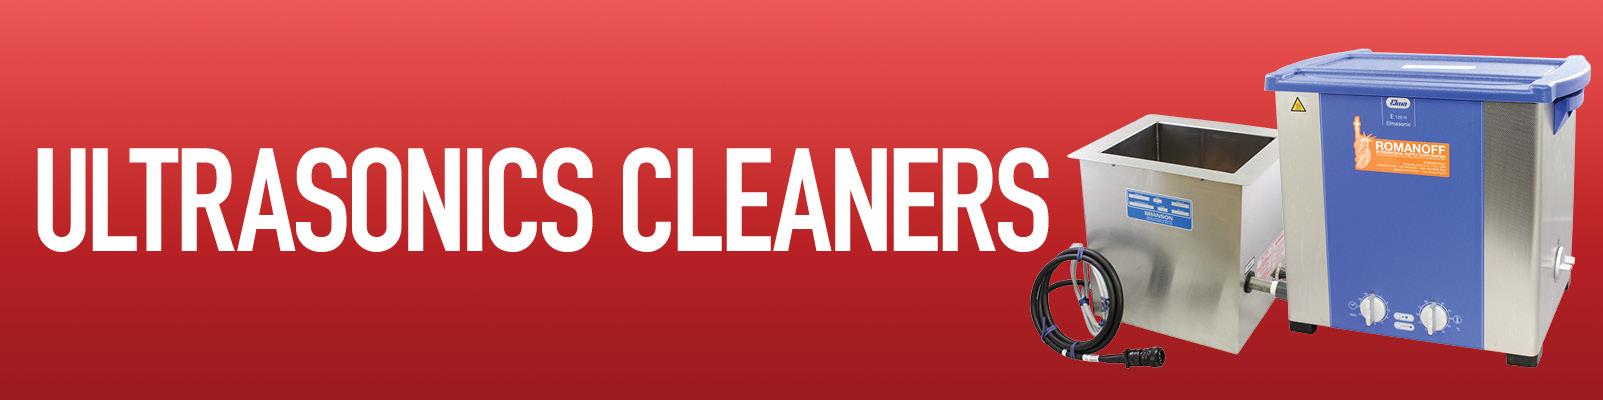 Ultrasonics Cleaners